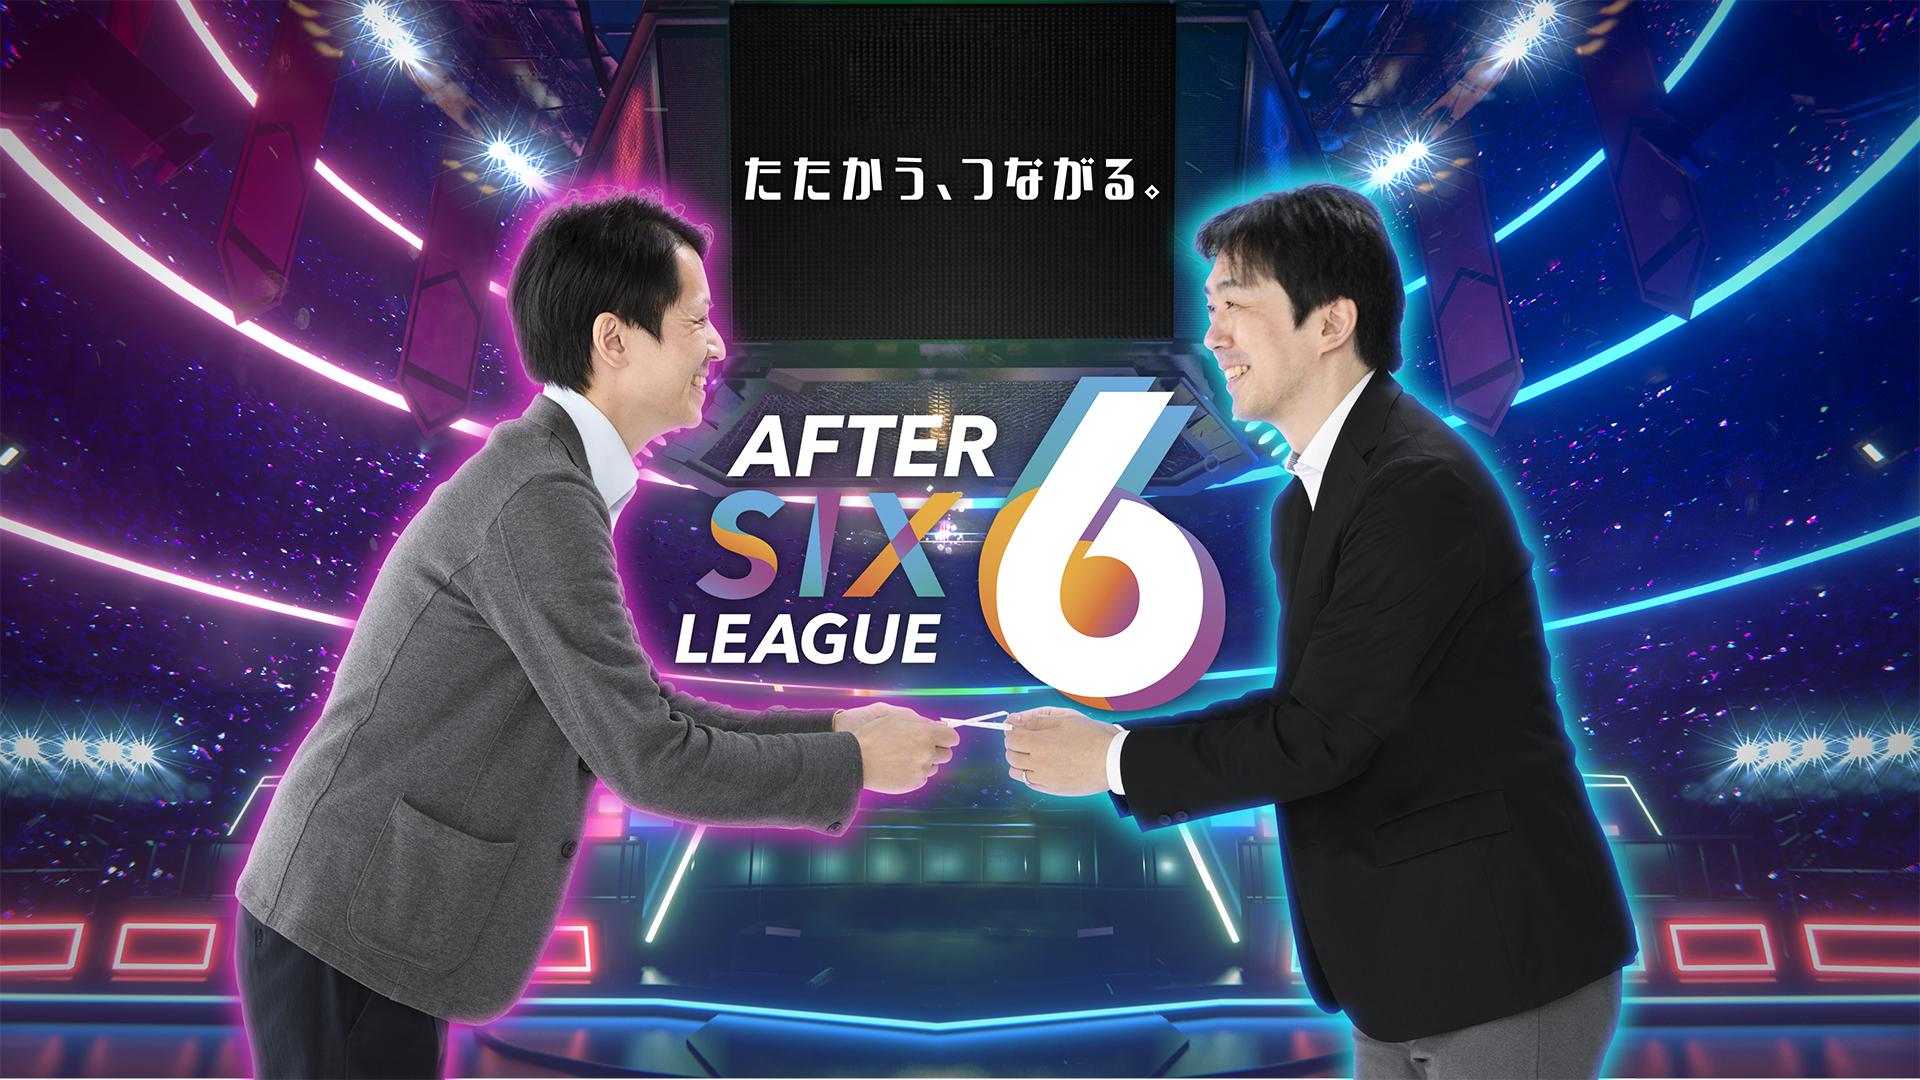 社会人アマチュアeスポーツプレイヤーを対象とした、企業交流のeスポーツリーグ「AFTER 6 LEAGUE」